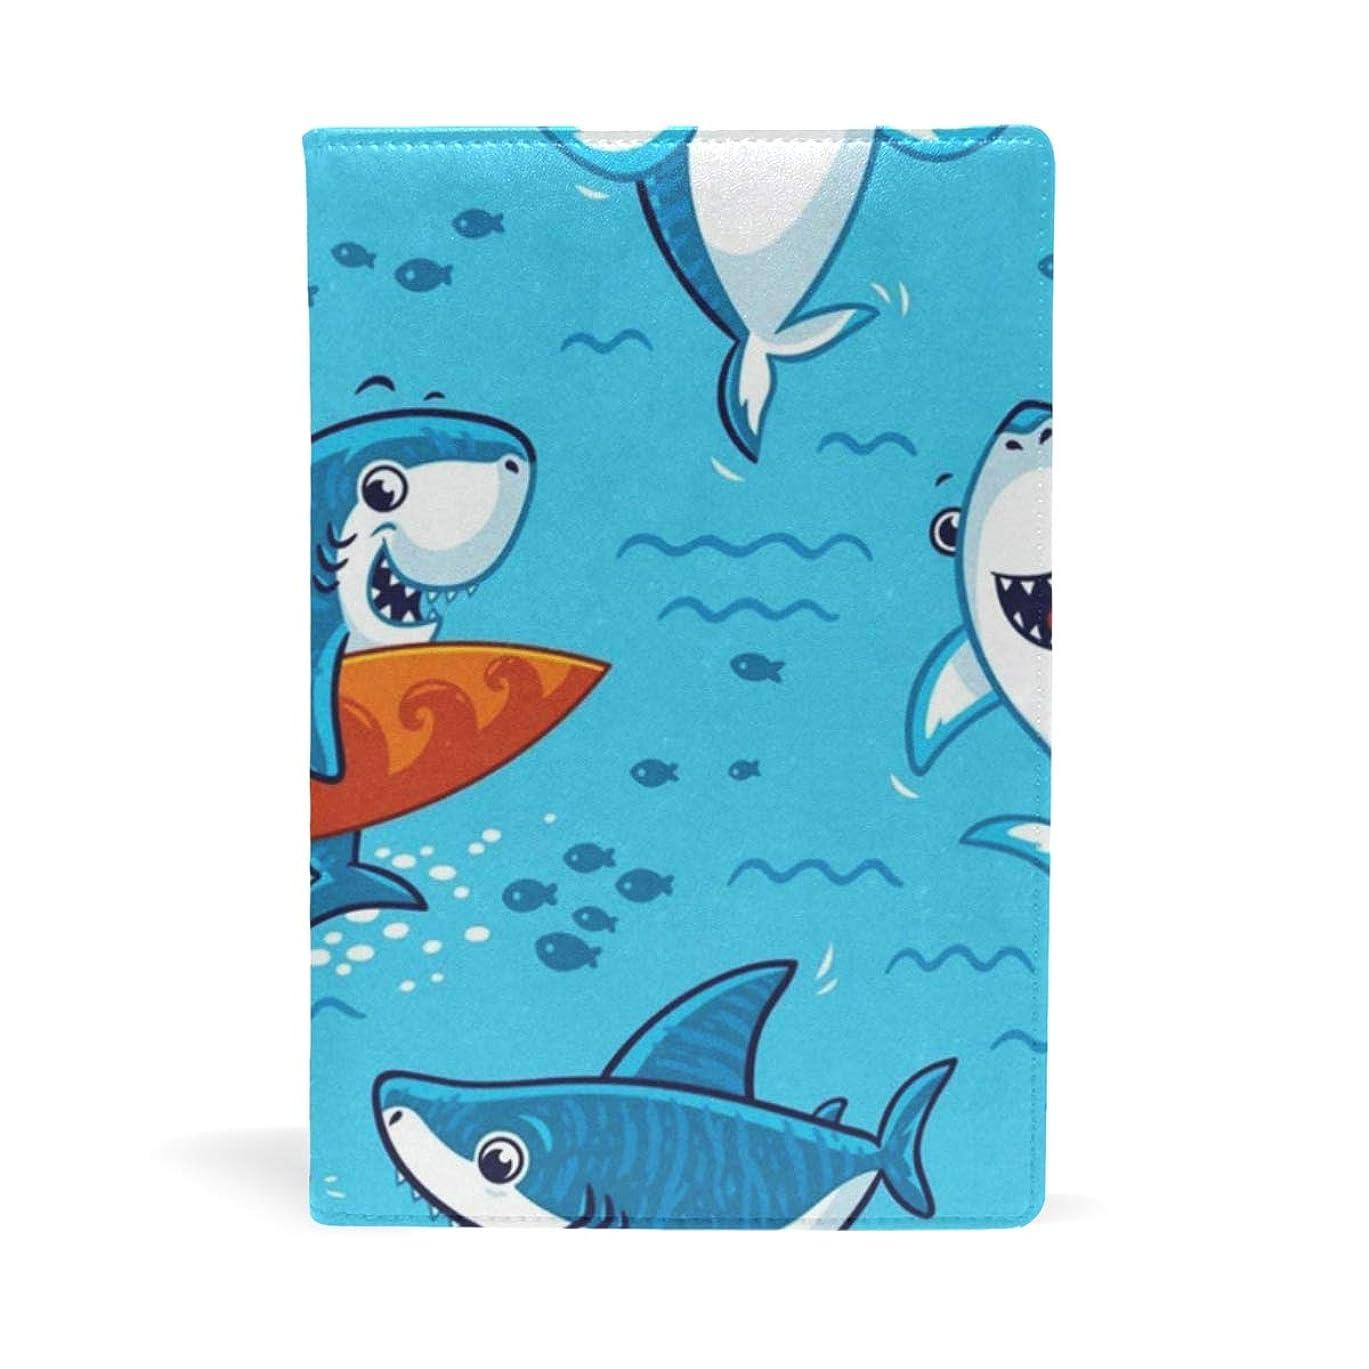 グループモノグラフ月面ブックカバー 文庫 a5 皮革 レザー サメ柄 鮫柄 魚柄 さかな柄 ブルー 文庫本カバー ファイル 資料 収納入れ オフィス用品 読書 雑貨 プレゼント